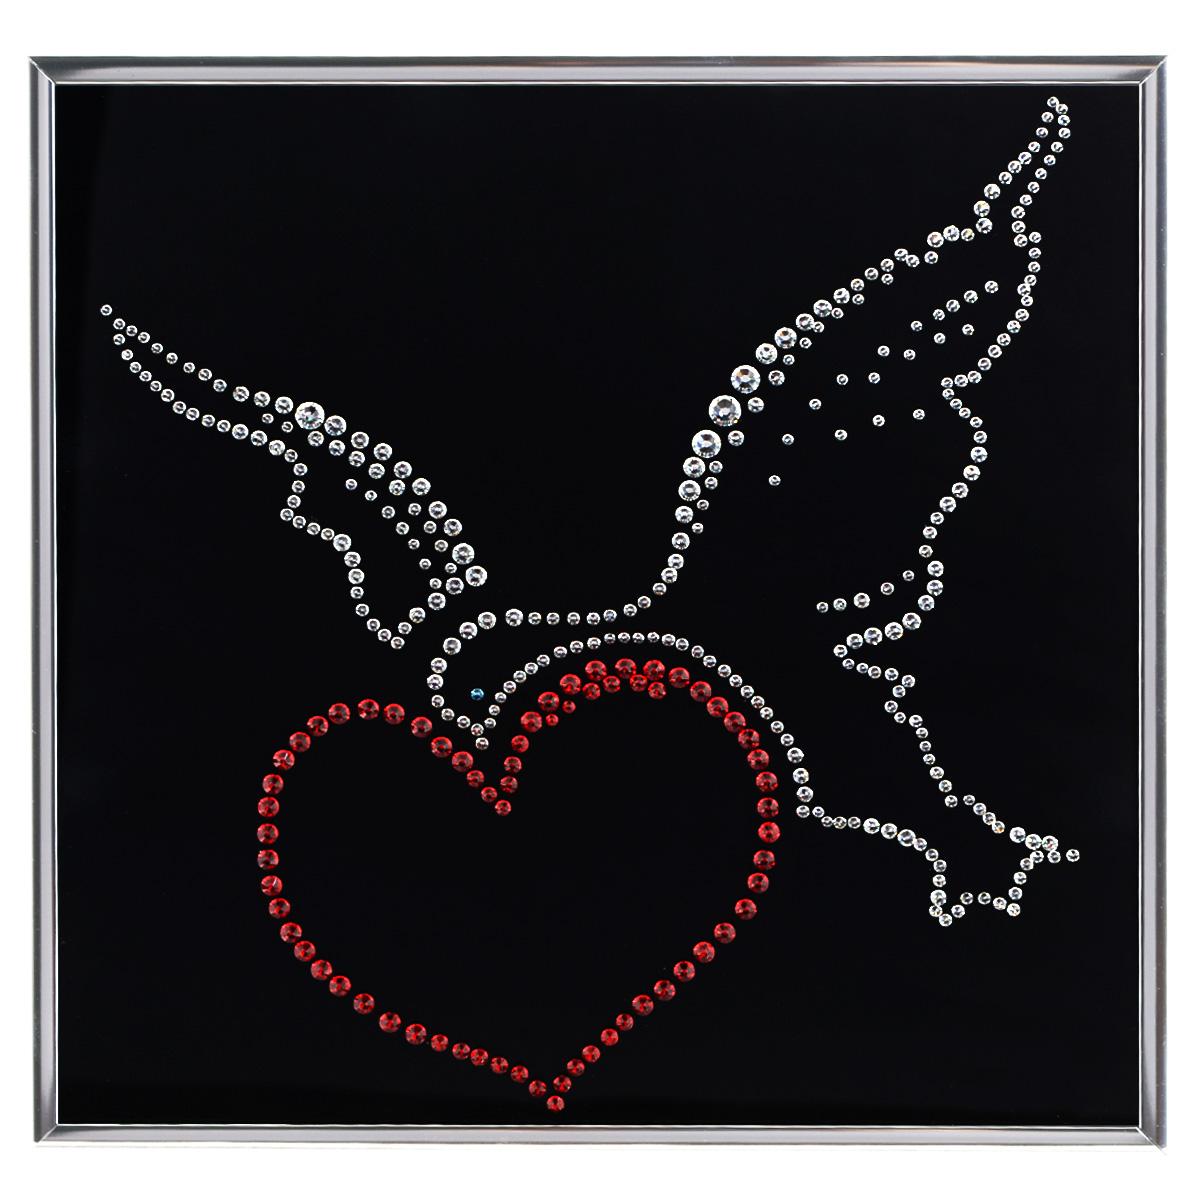 Картина с кристаллами Swarovski Птица счастья, 25 см х 25 смPM-3003Изящная картина в металлической раме, инкрустирована кристаллами Swarovski, которые отличаются четкой и ровной огранкой, ярким блеском и чистотой цвета. Красочное изображение сердца с птицей, расположенное под стеклом, прекрасно дополняет блеск кристаллов. С обратной стороны имеется металлическая петелька для размещения картины на стене. Картина с кристаллами Swarovski Птица счастья элегантно украсит интерьер дома или офиса, а также станет прекрасным подарком, который обязательно понравится получателю. Блеск кристаллов в интерьере, что может быть сказочнее и удивительнее. Картина упакована в подарочную картонную коробку синего цвета и комплектуется сертификатом соответствия Swarovski. Количество кристаллов: 352 шт. Размер картины: 25 см х 25 см.